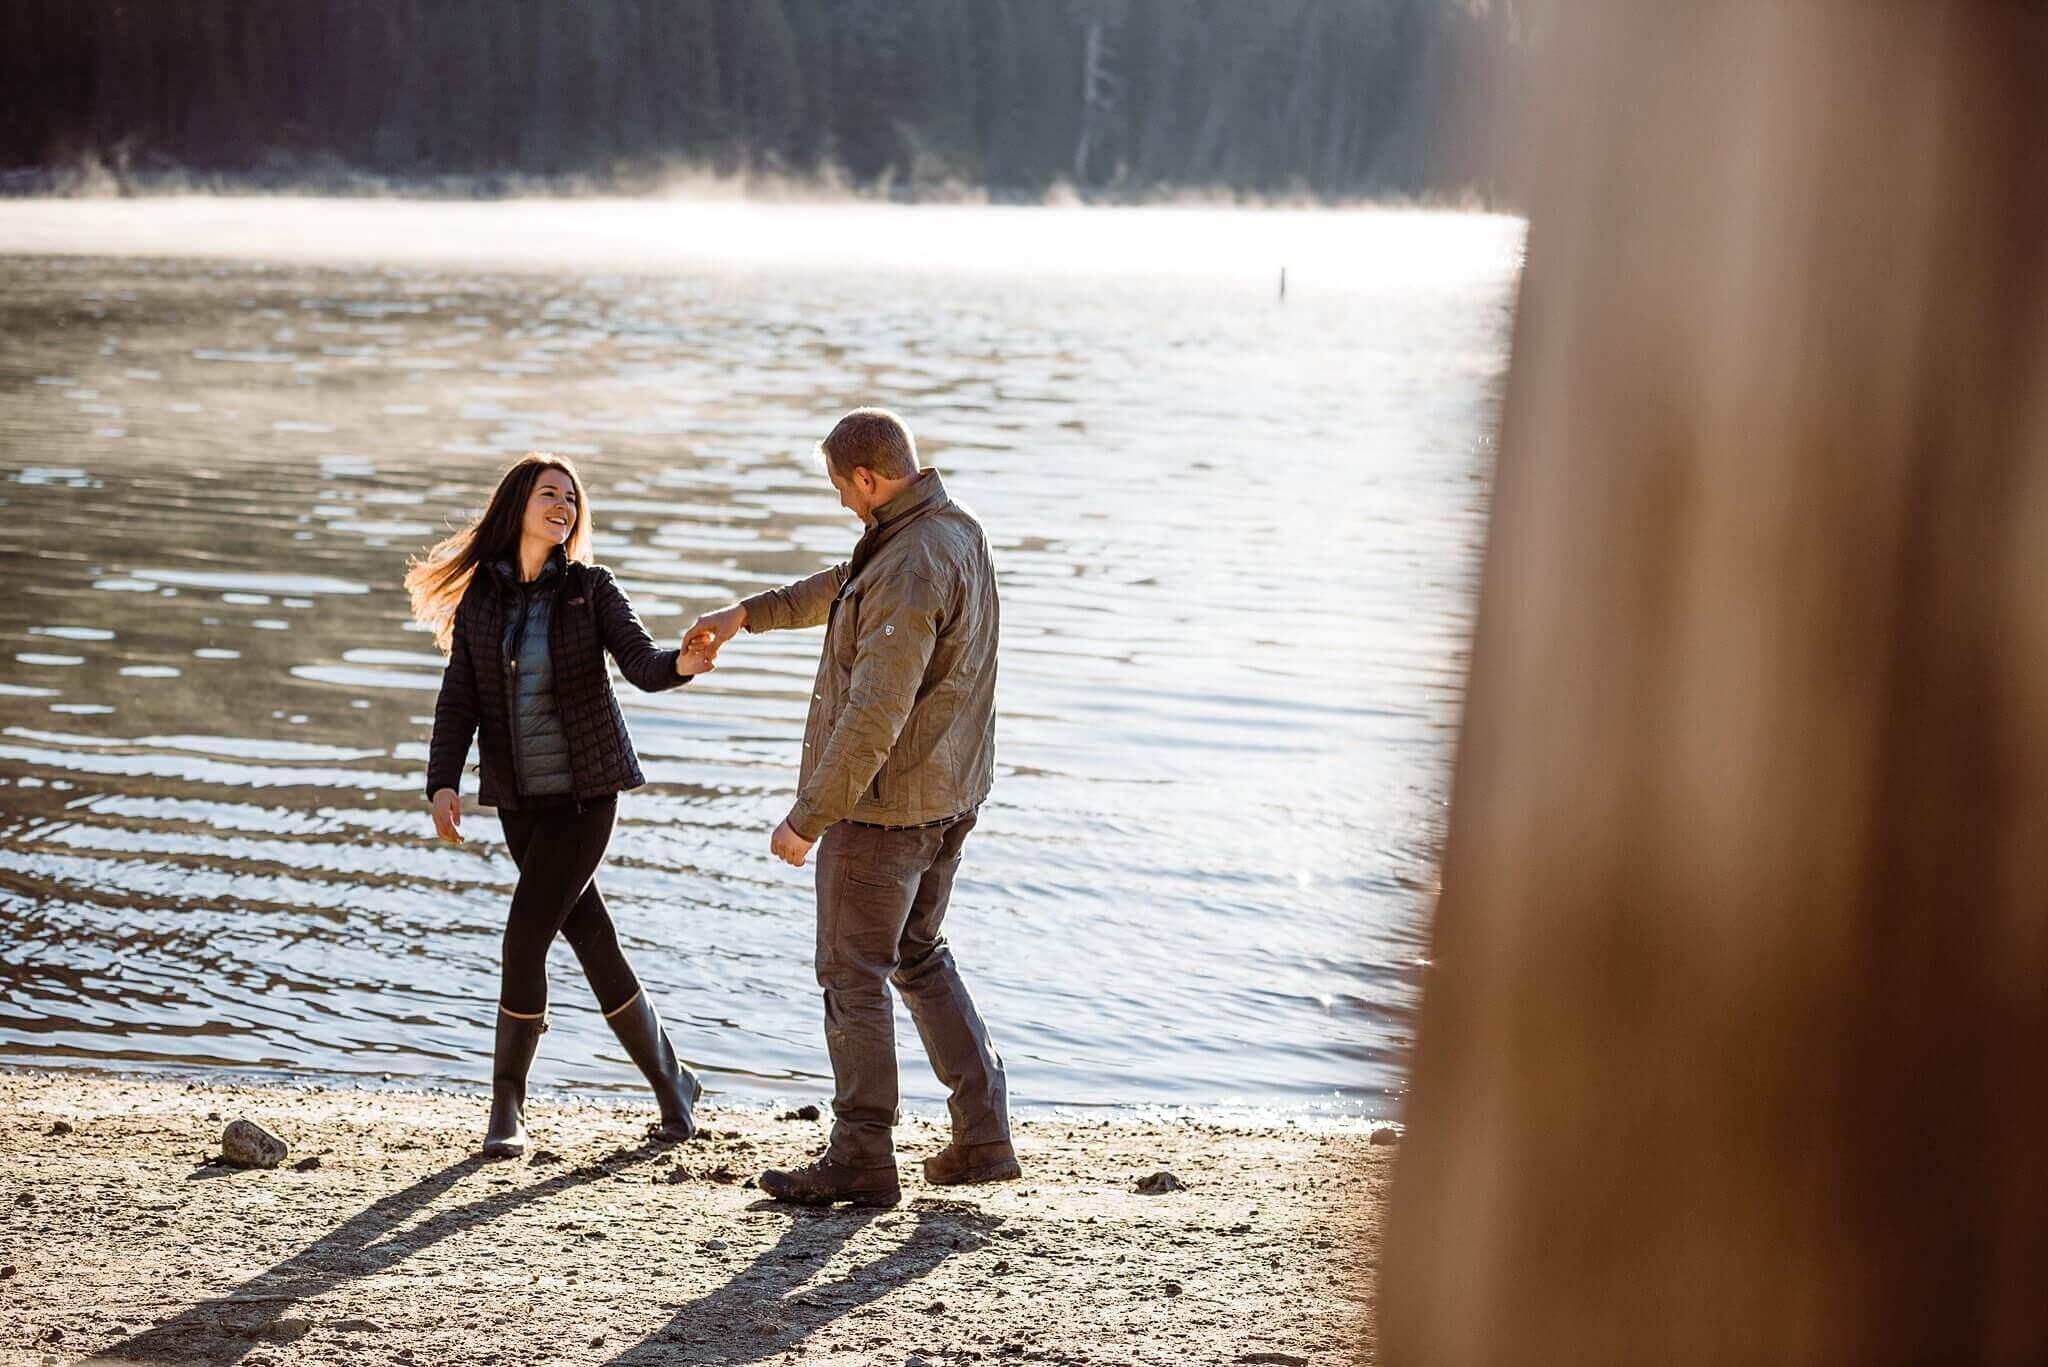 Canoe-Lake-Adventure-Engagement-Session-Oregon-Lemolo-S-Photography_0006.jpg